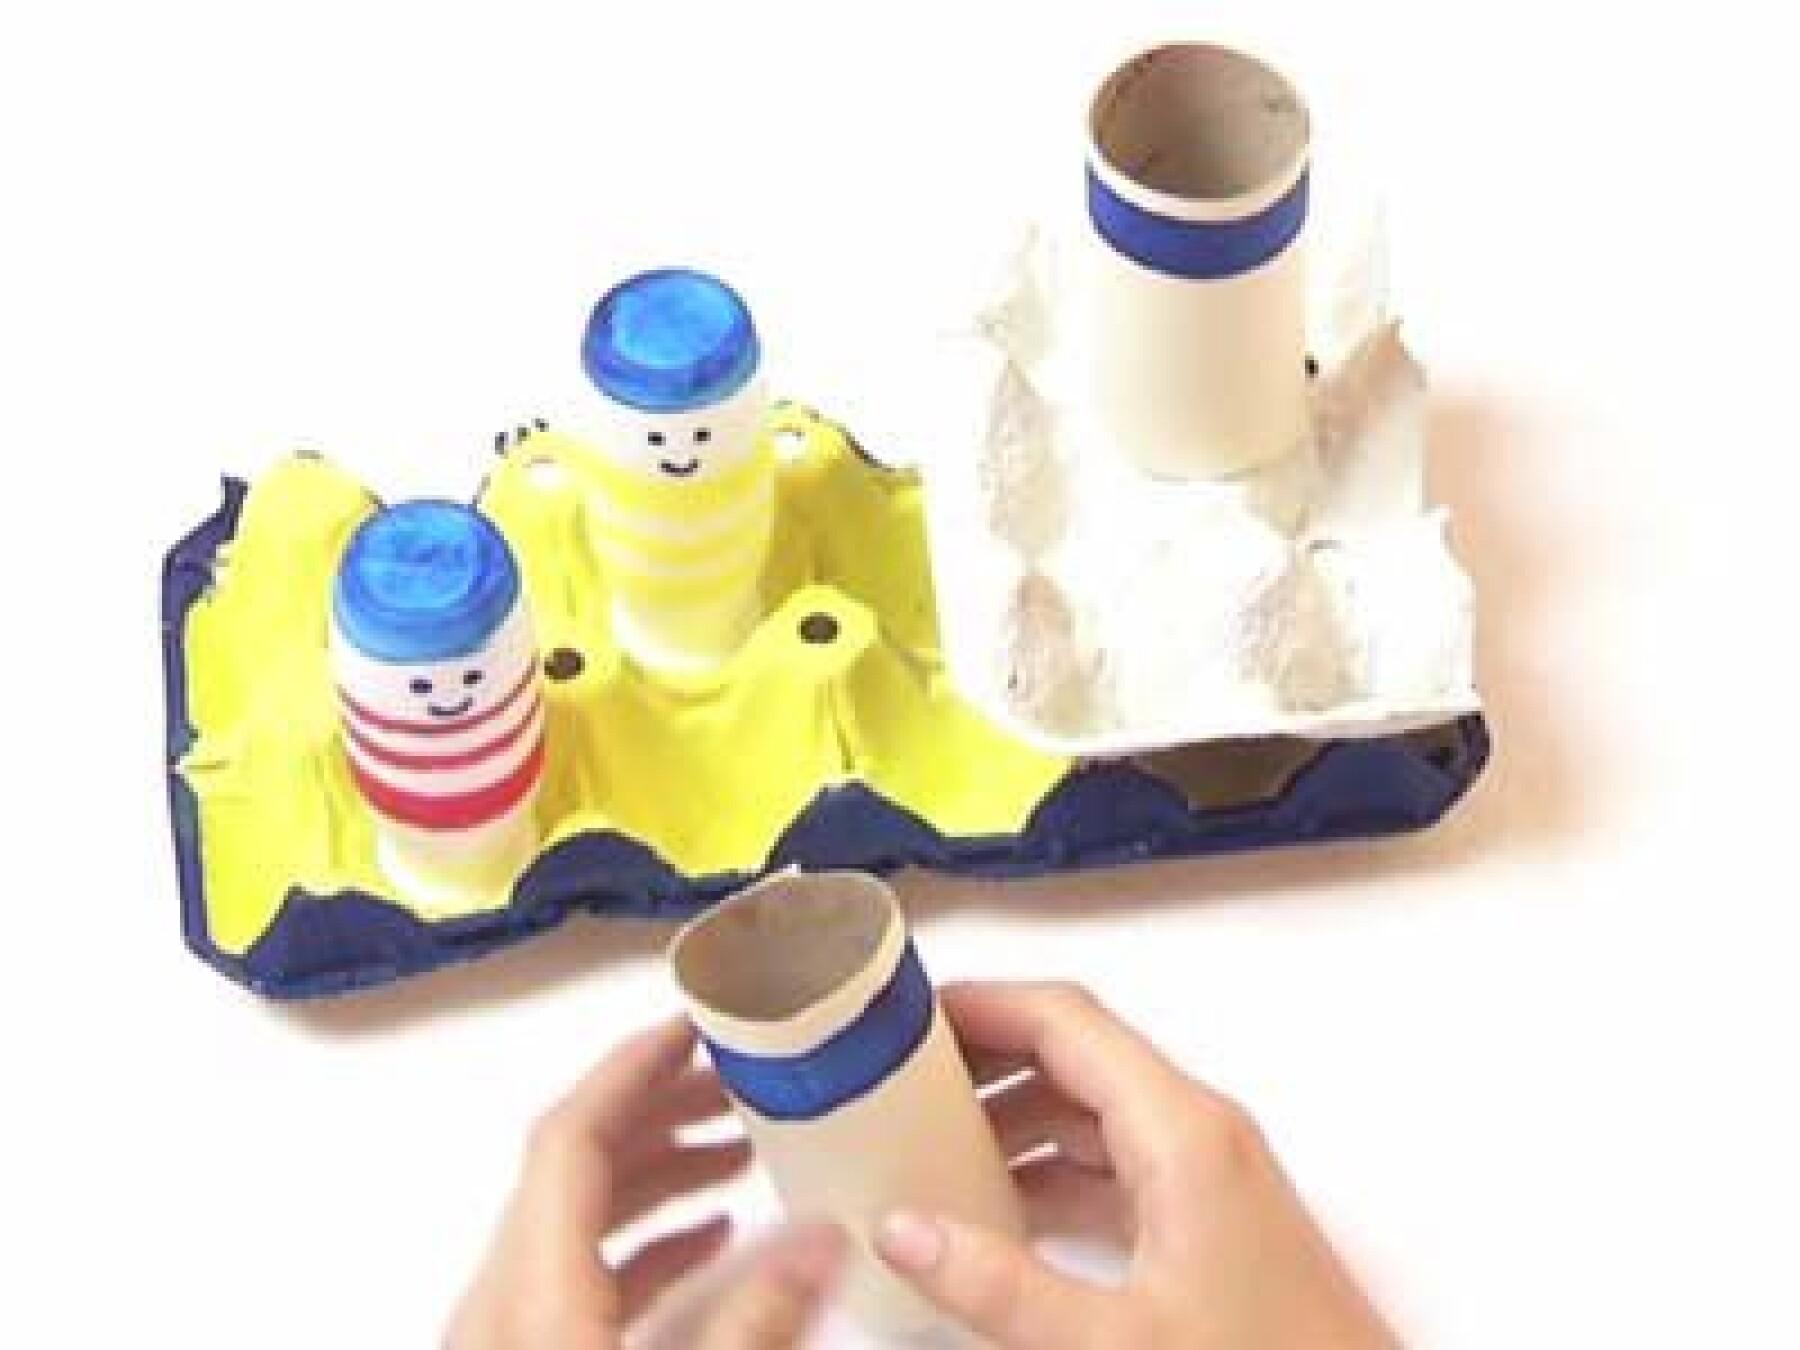 vidéo bricolage bateau boîte à œufs